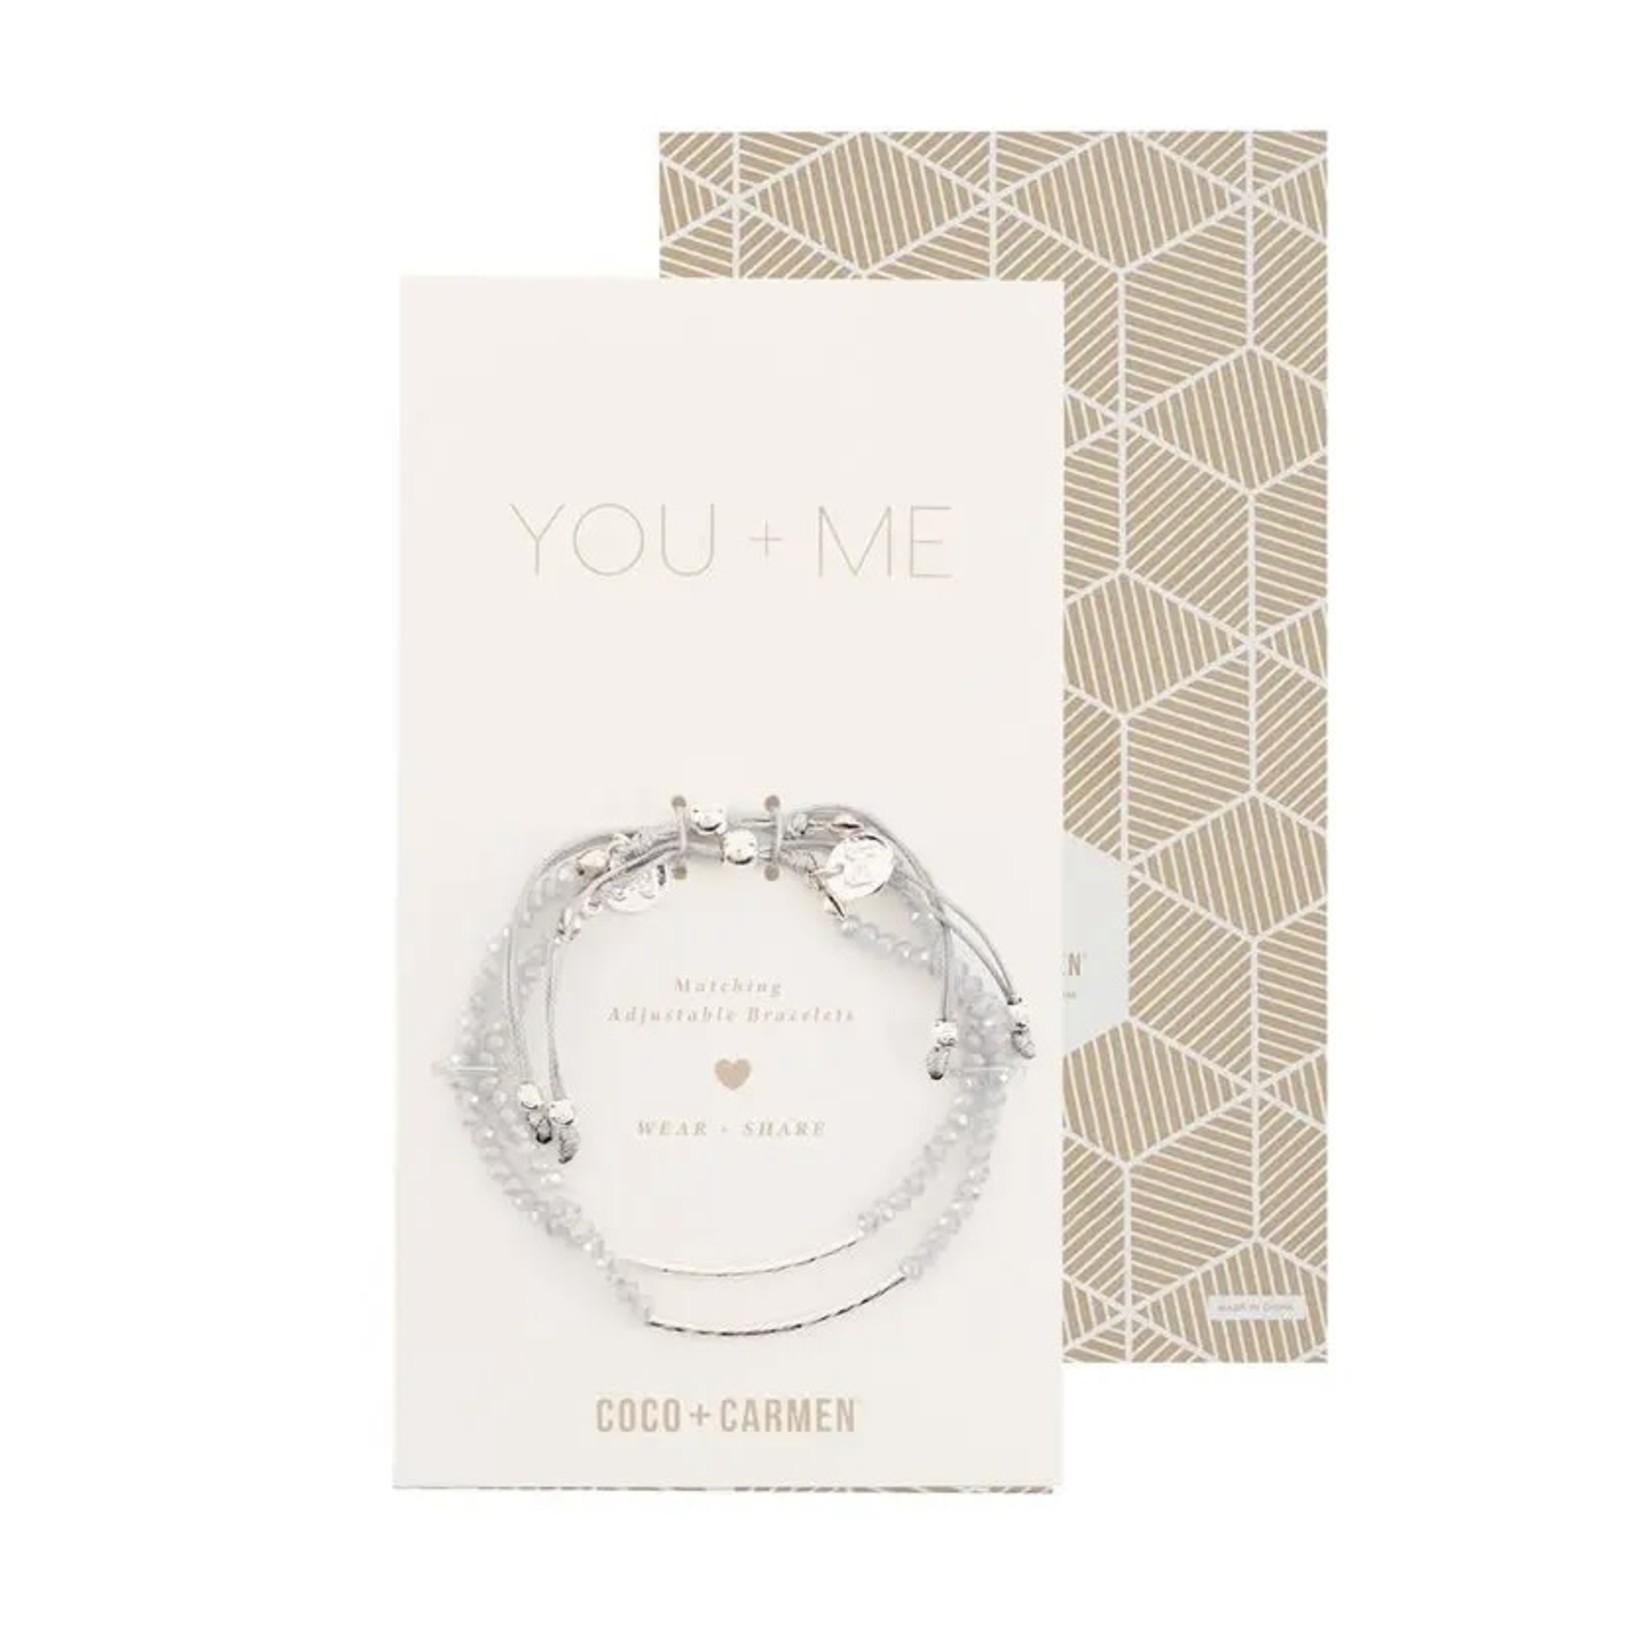 Coco+Carmen Accessories: Friendship Bracelet Set